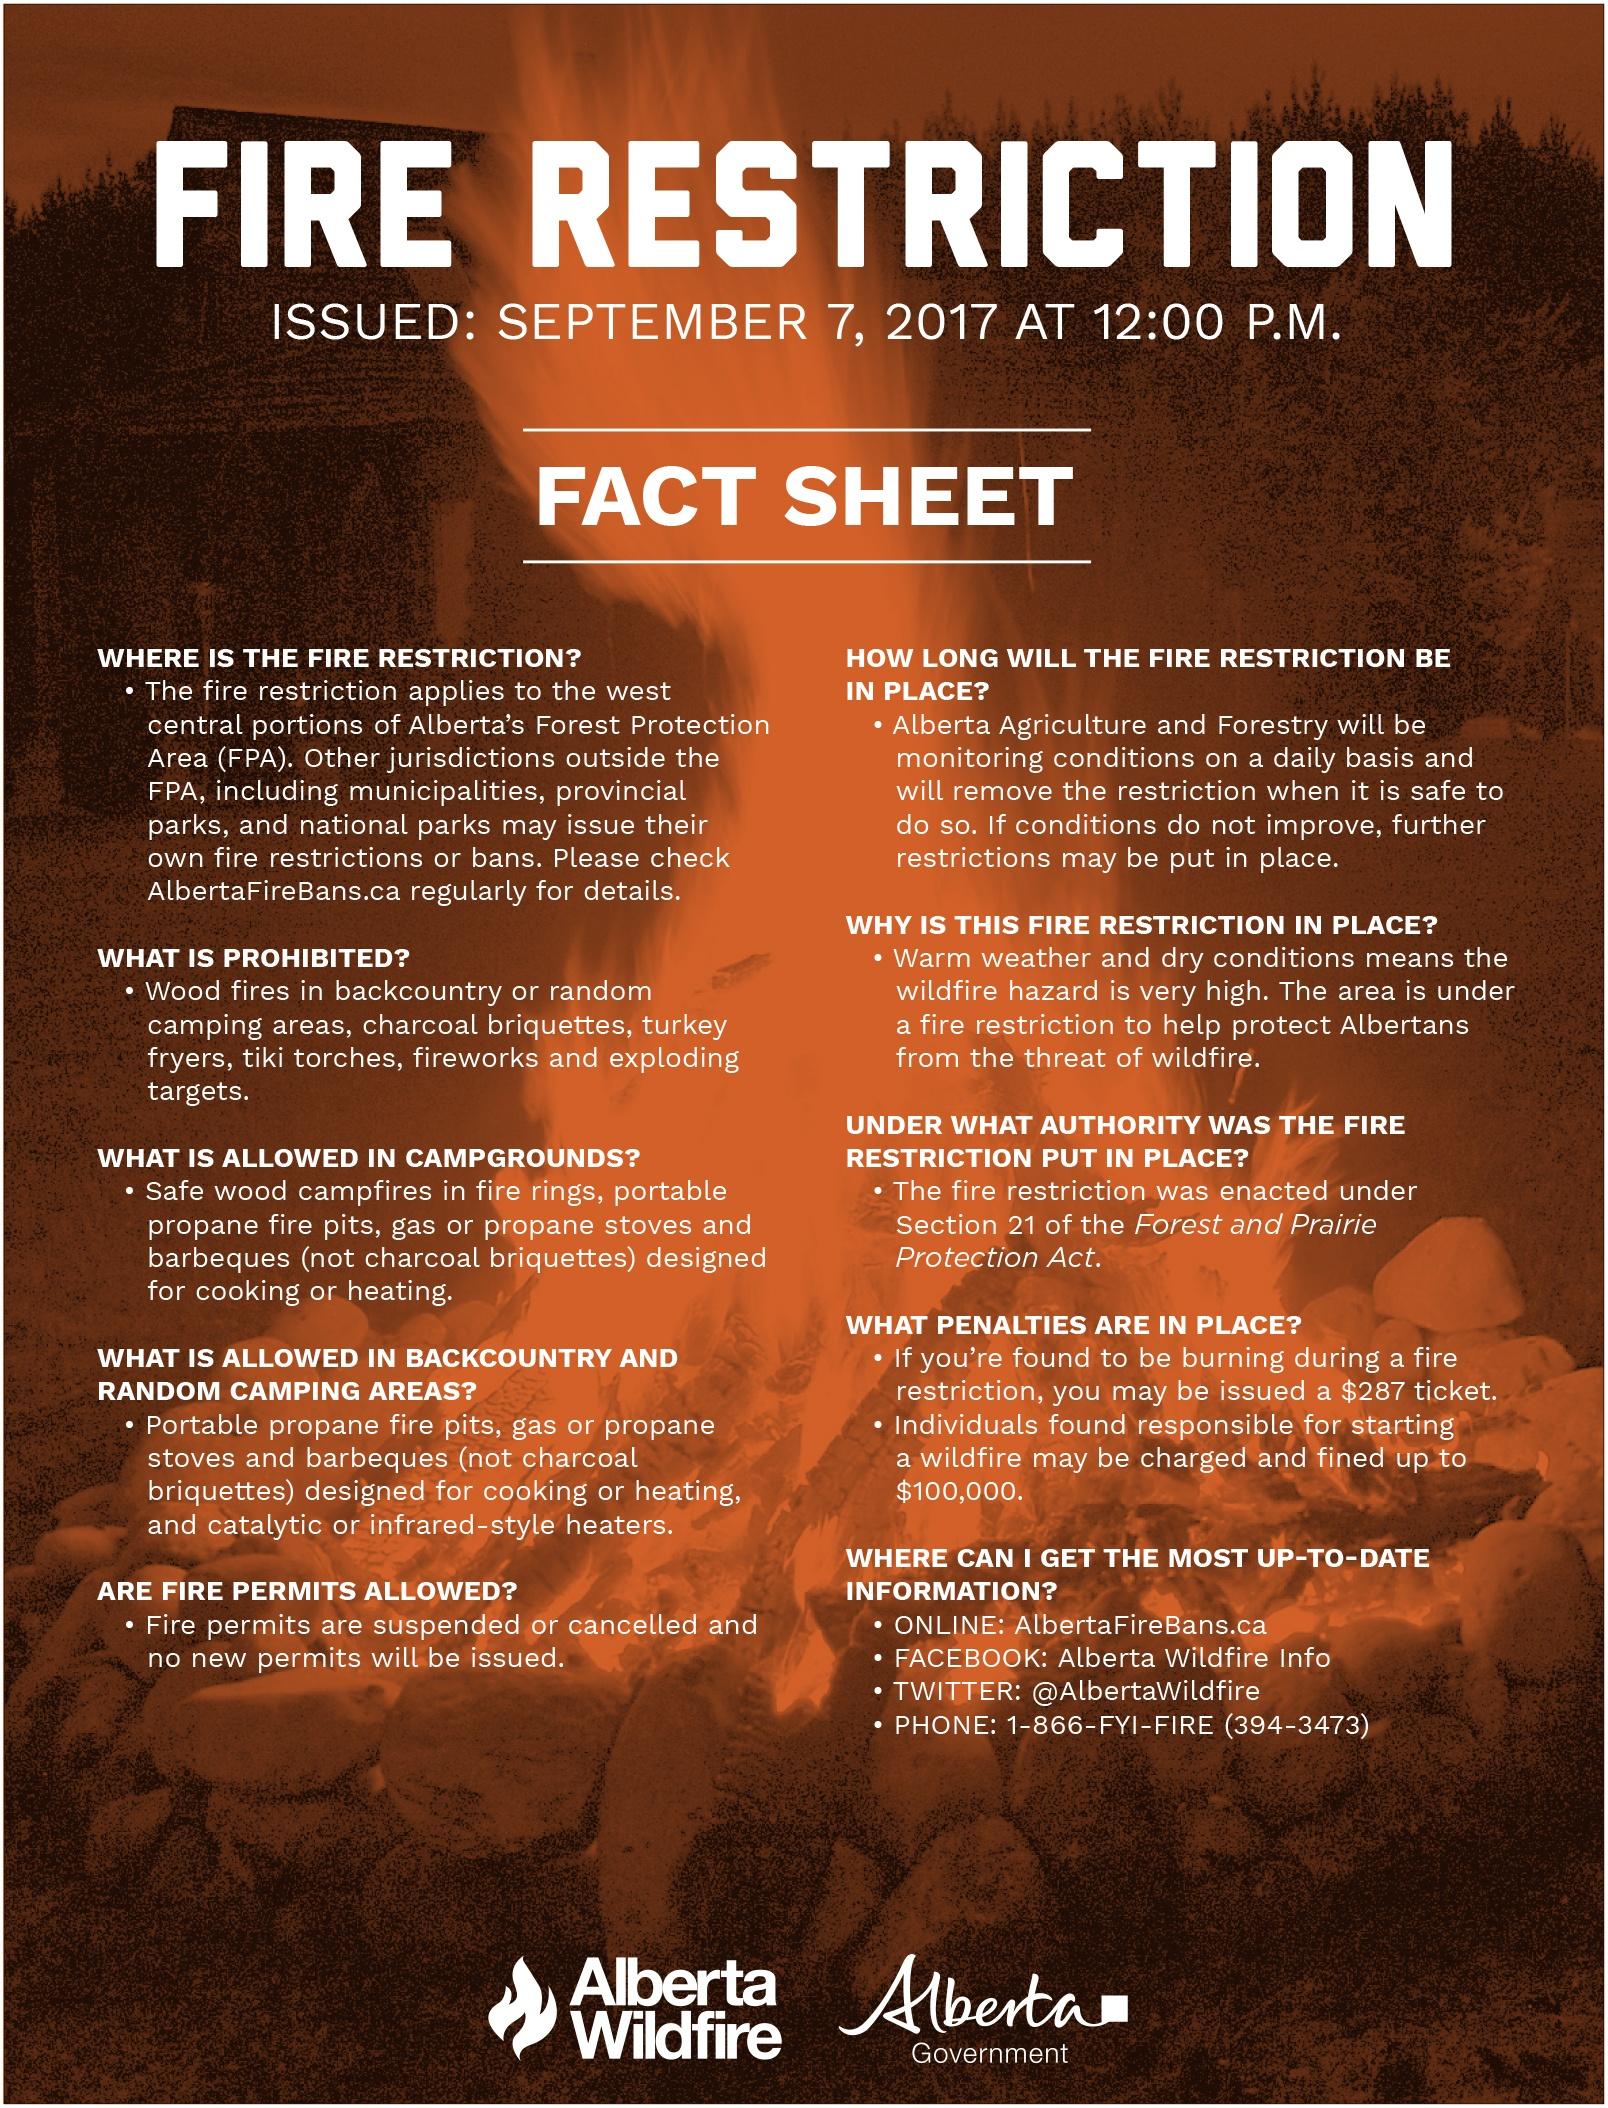 FBS_FireRestriction_FactSheet_8.5x11_Sept7.jpg